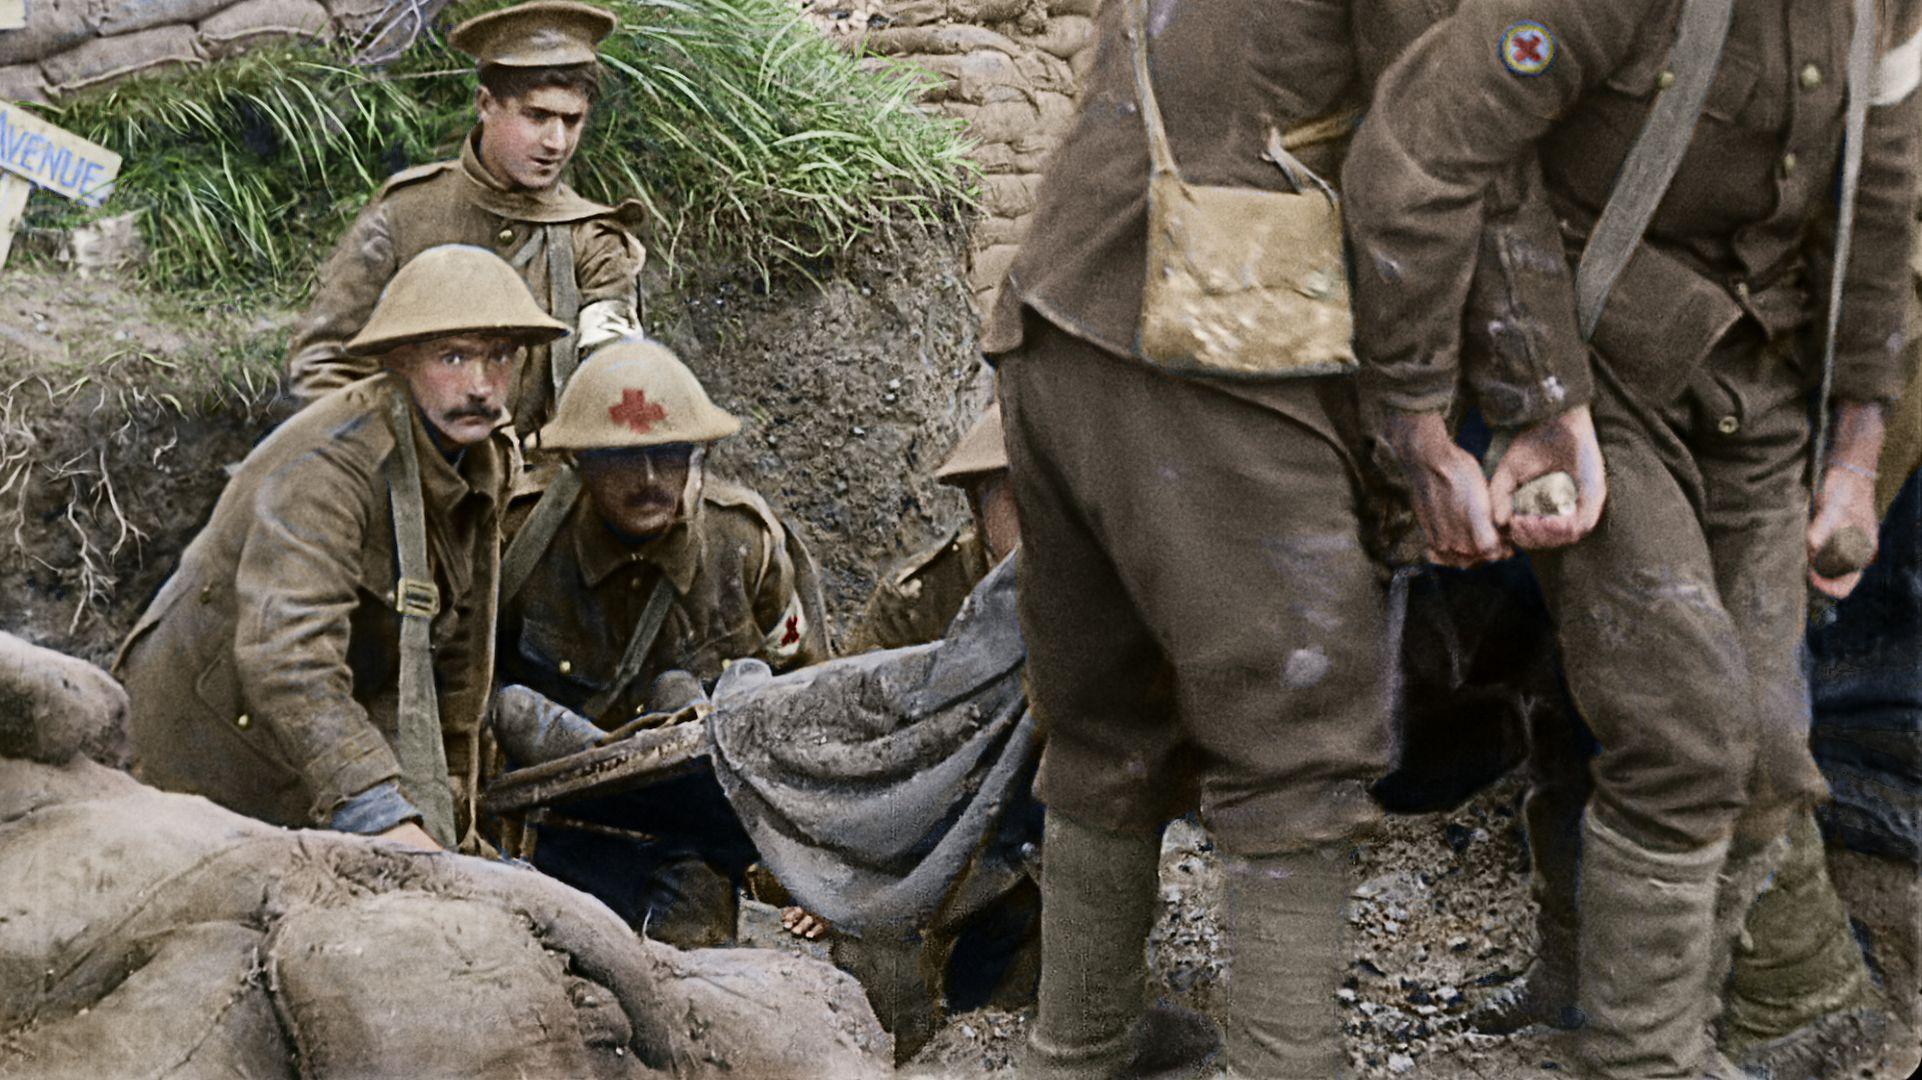 Das Bild zeigt, wie ein verwundeter Soldat aus einem Schützengraben des Ersten Weltkriegs abtransportiert wird.